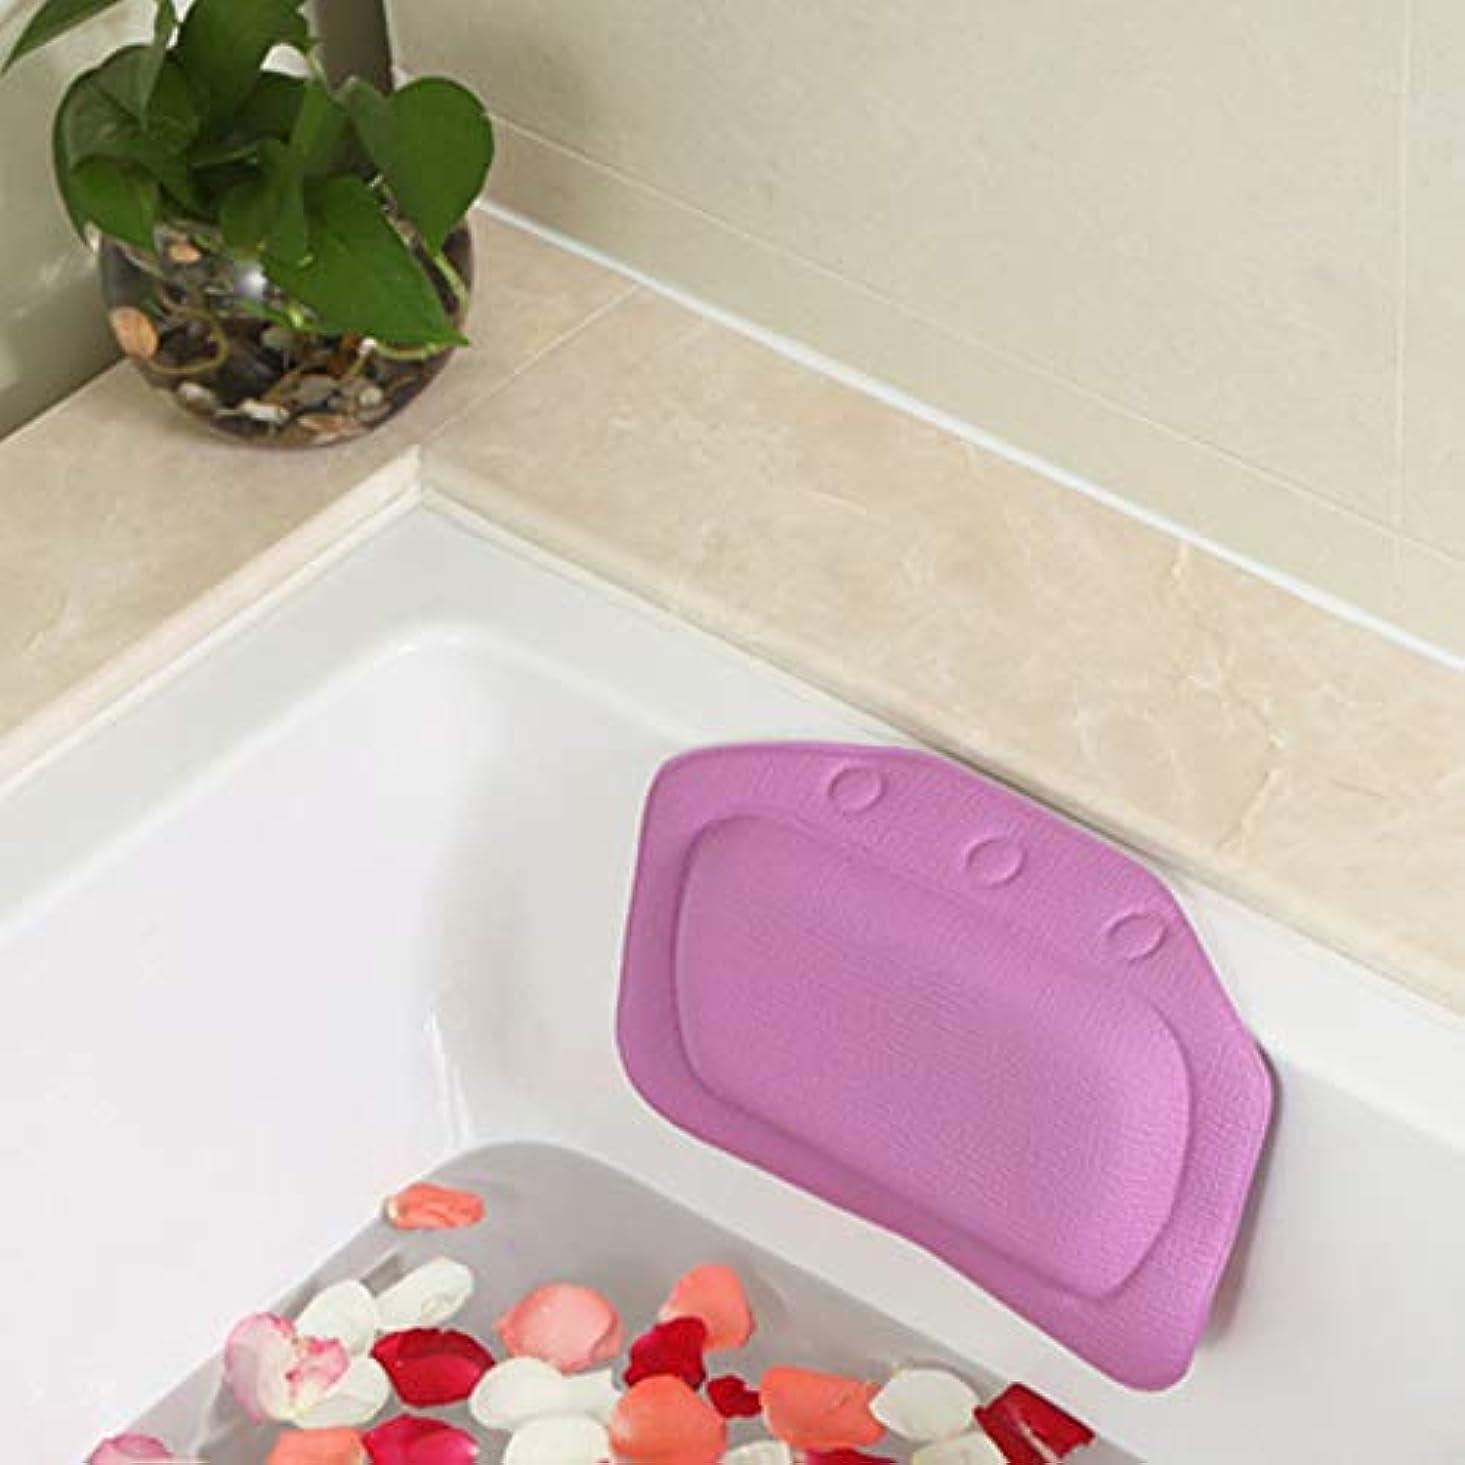 甘やかすフック行商柔らかいpvc発泡スポンジ風呂枕防水ヘッドレストクッション付き浴室シャワー浴槽リラックスアクセサリー,Purple